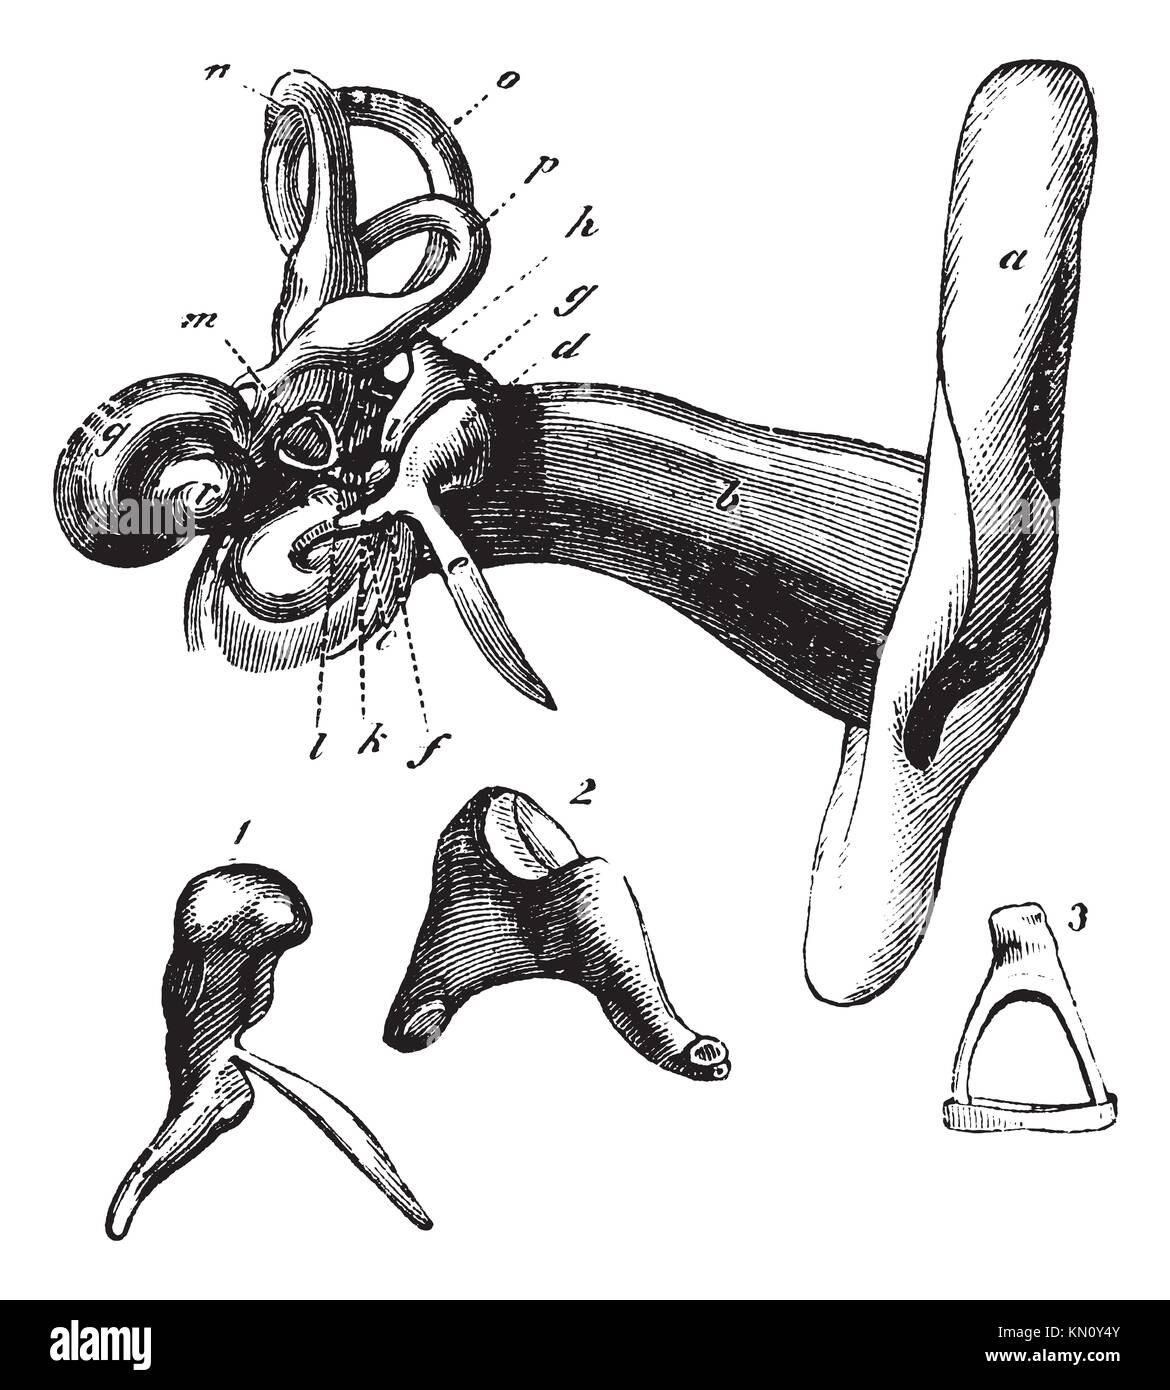 Snail Anatomy Stockfotos & Snail Anatomy Bilder - Alamy